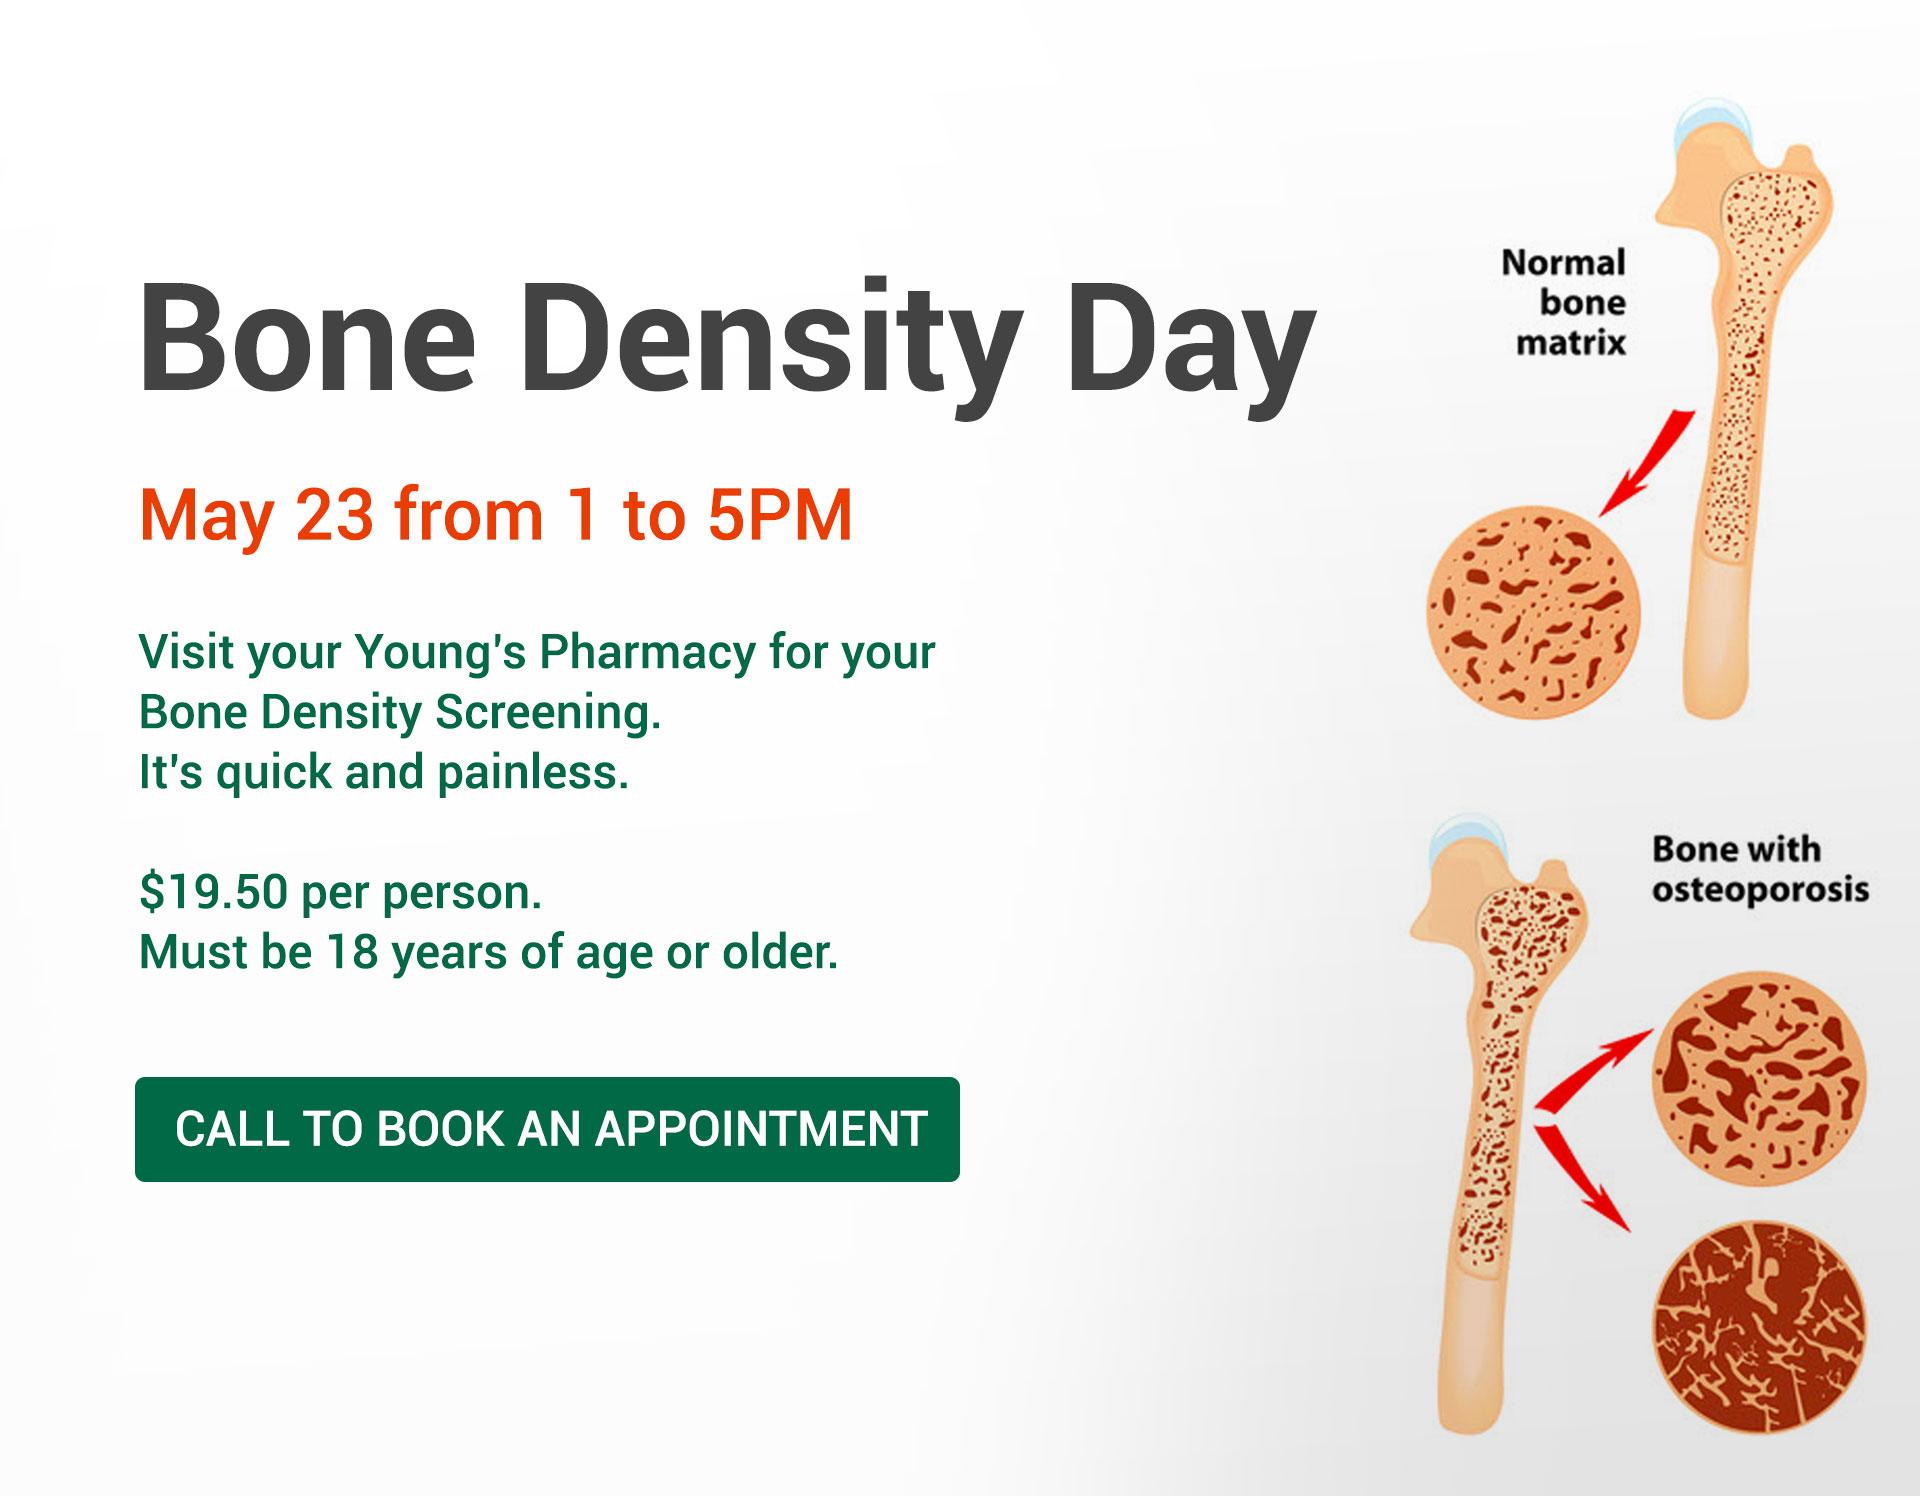 Bone Density Day